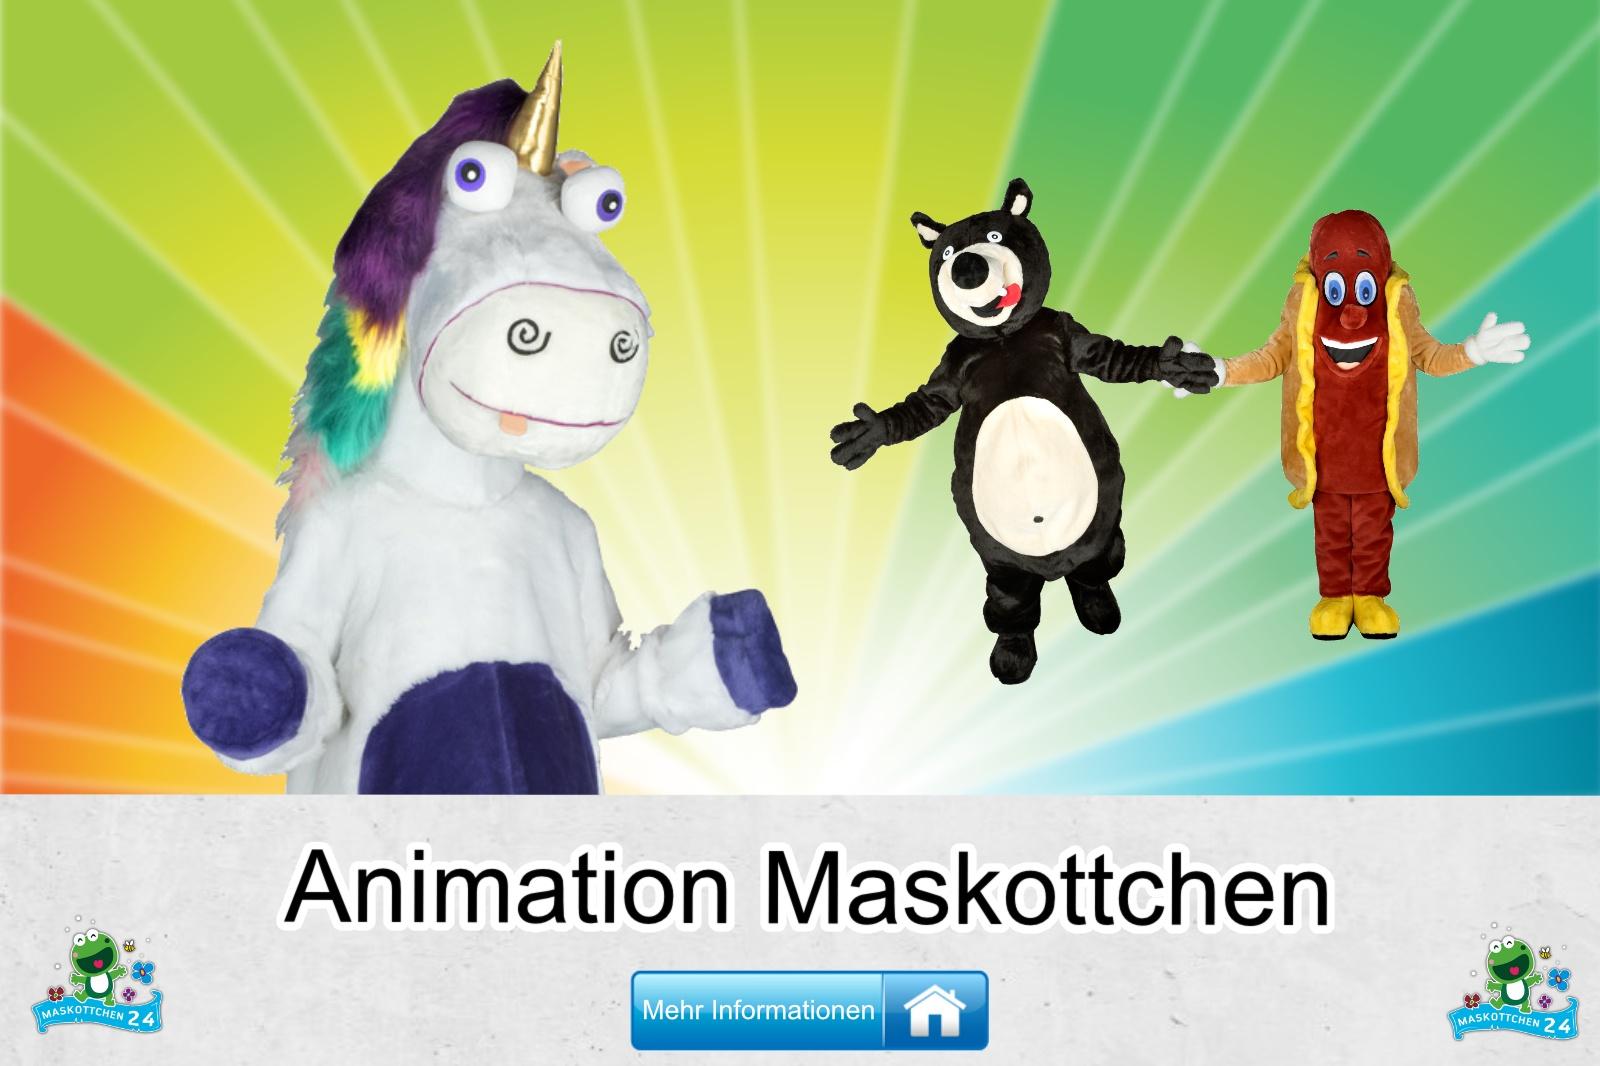 Animation Kostüm Maskottchen kaufen